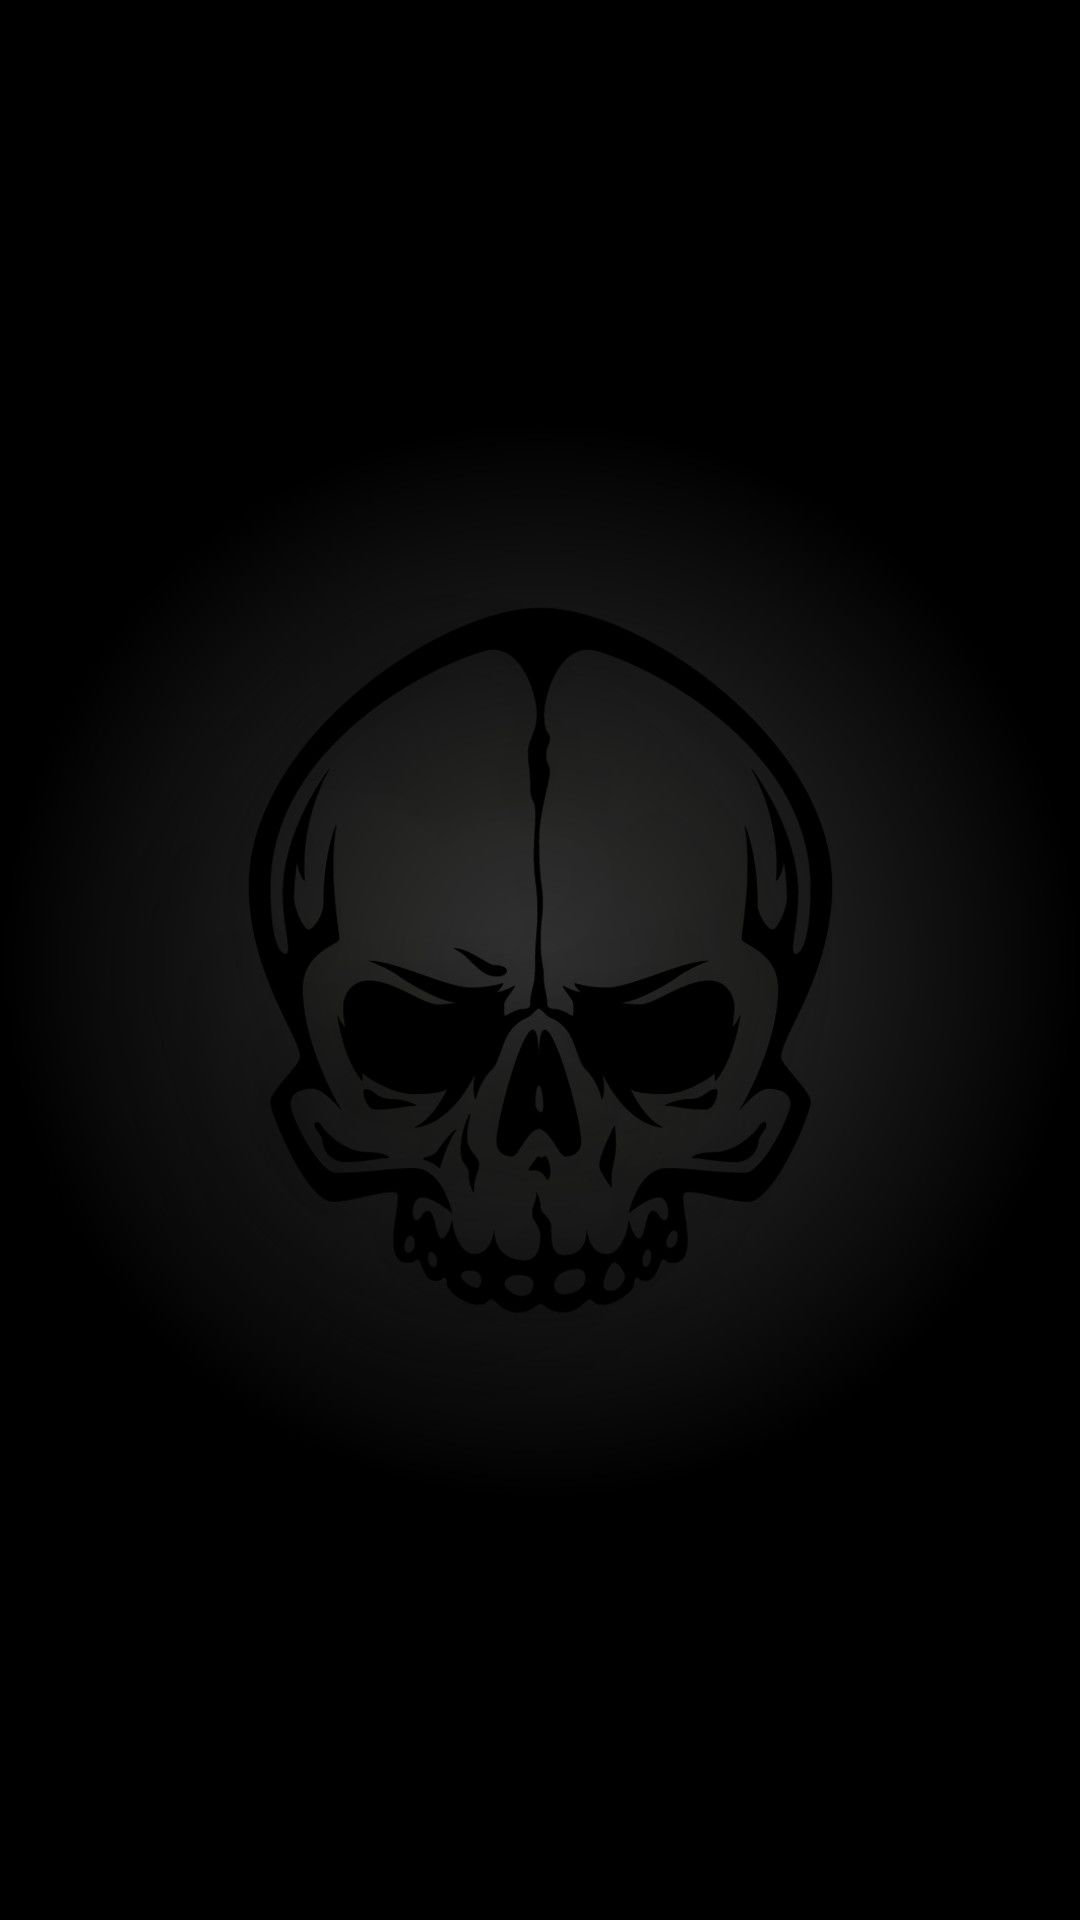 Skull Harley Davidson Background Picture Black Skulls Wallpaper Skull Wallpaper Black Skulls